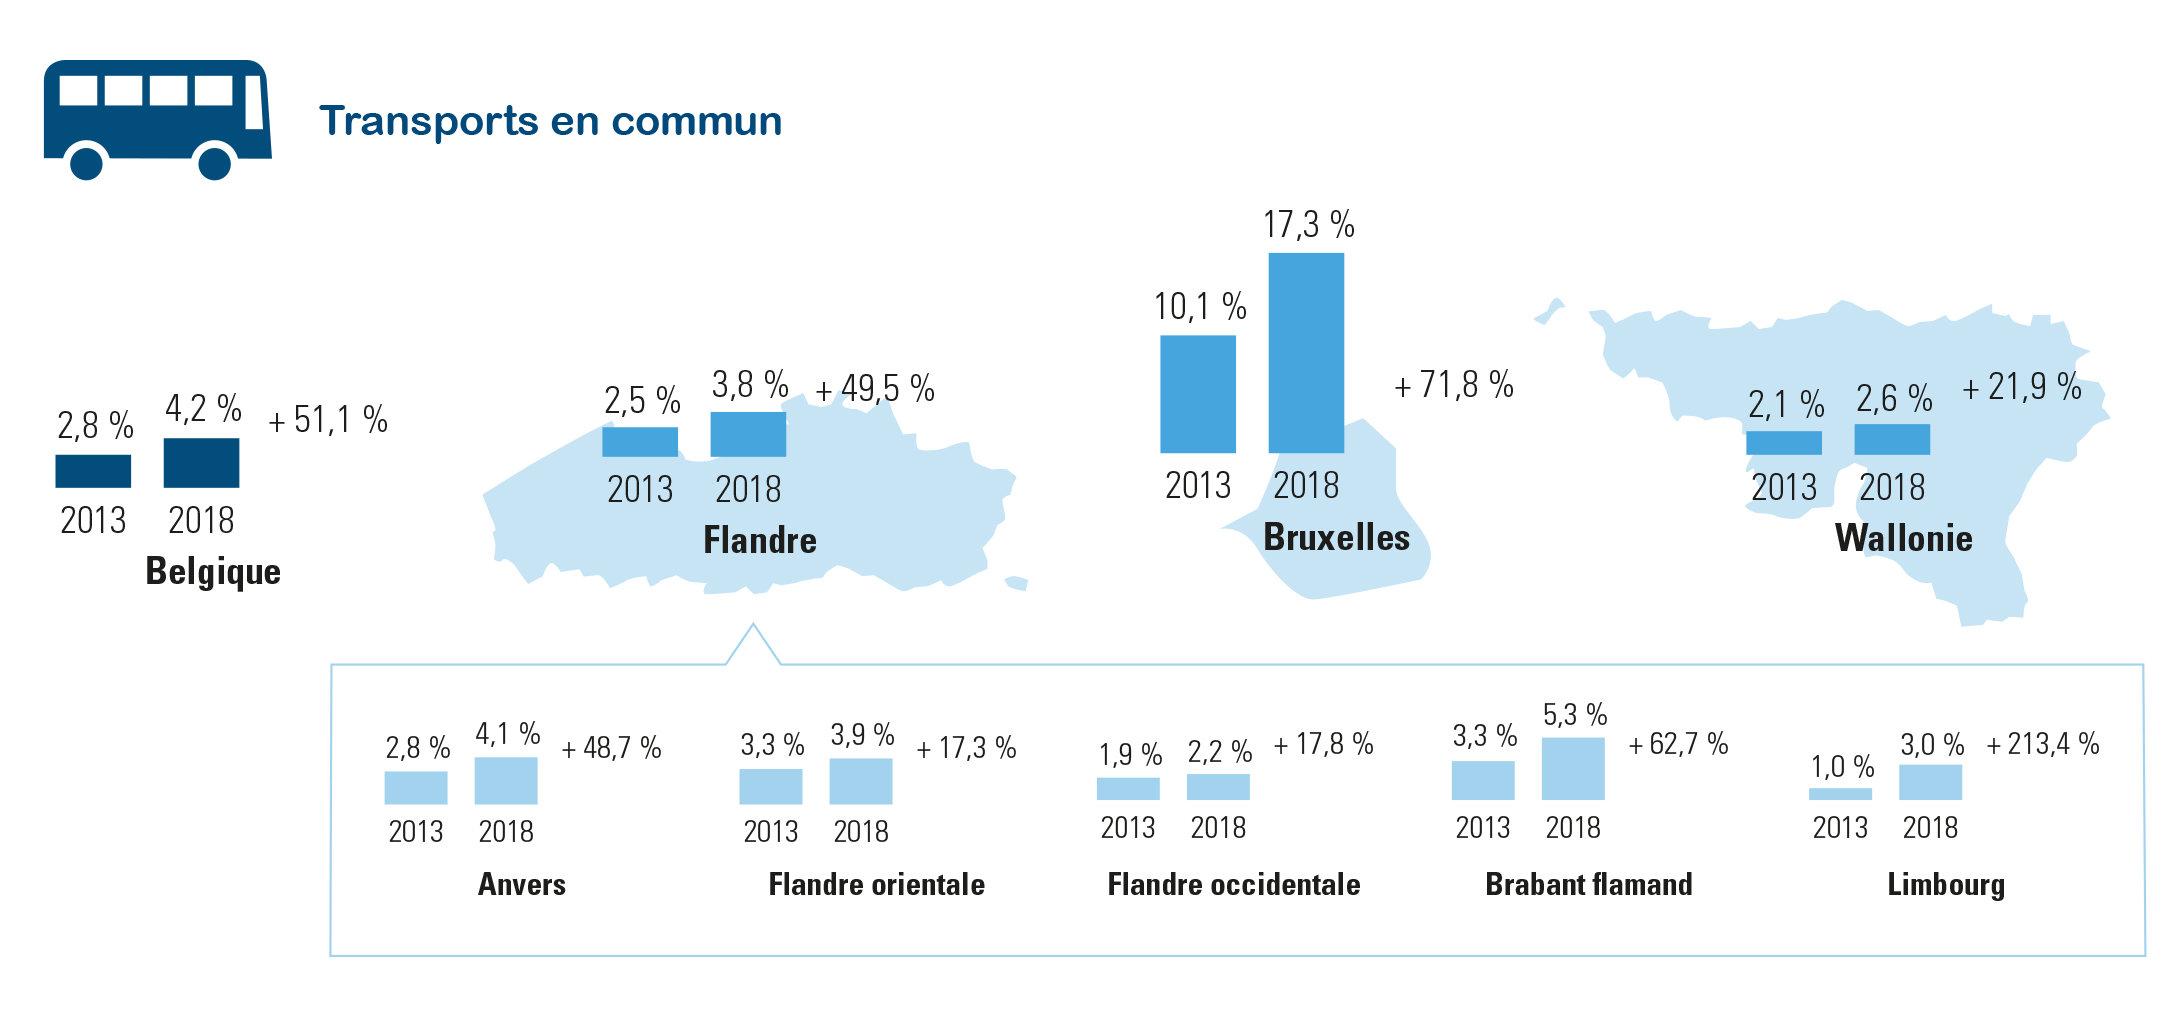 % des travailleurs se rendant régulièrement depuis/vers le travail en transports en commun (30 septembre 2013 – 2018)